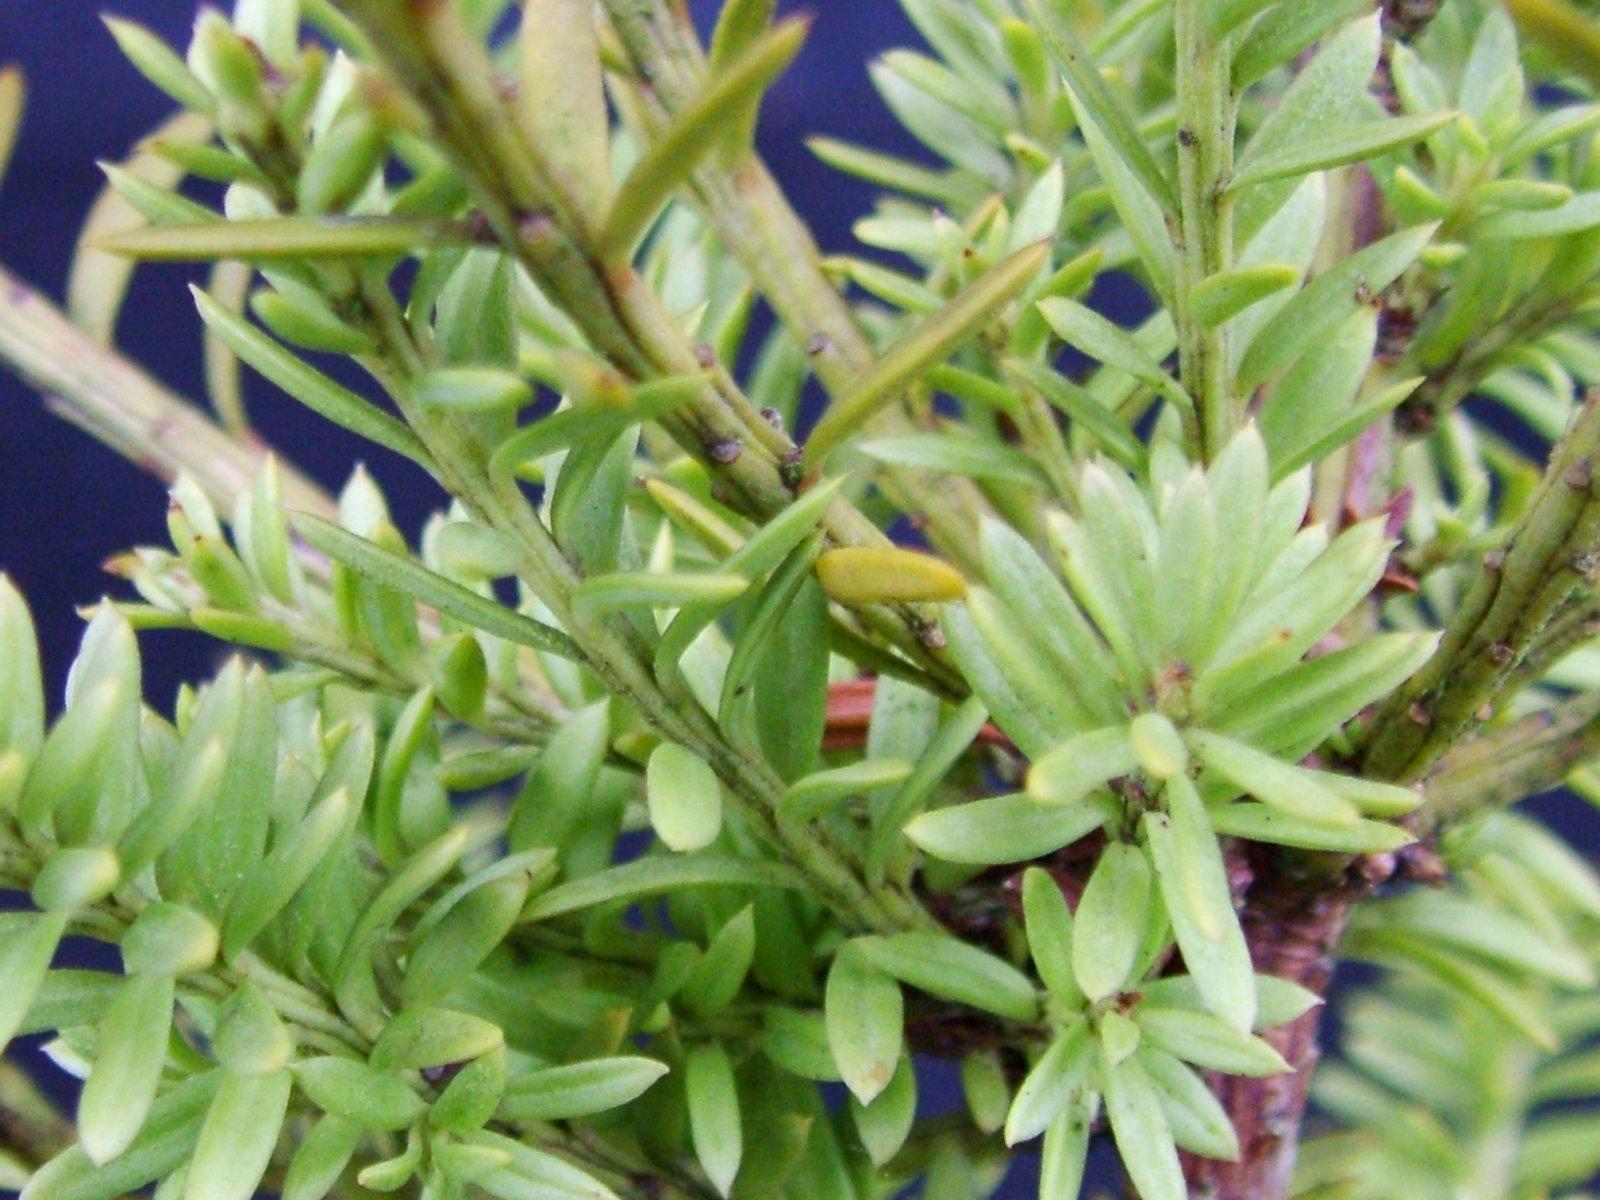 P.nivalis 'Green Queen'